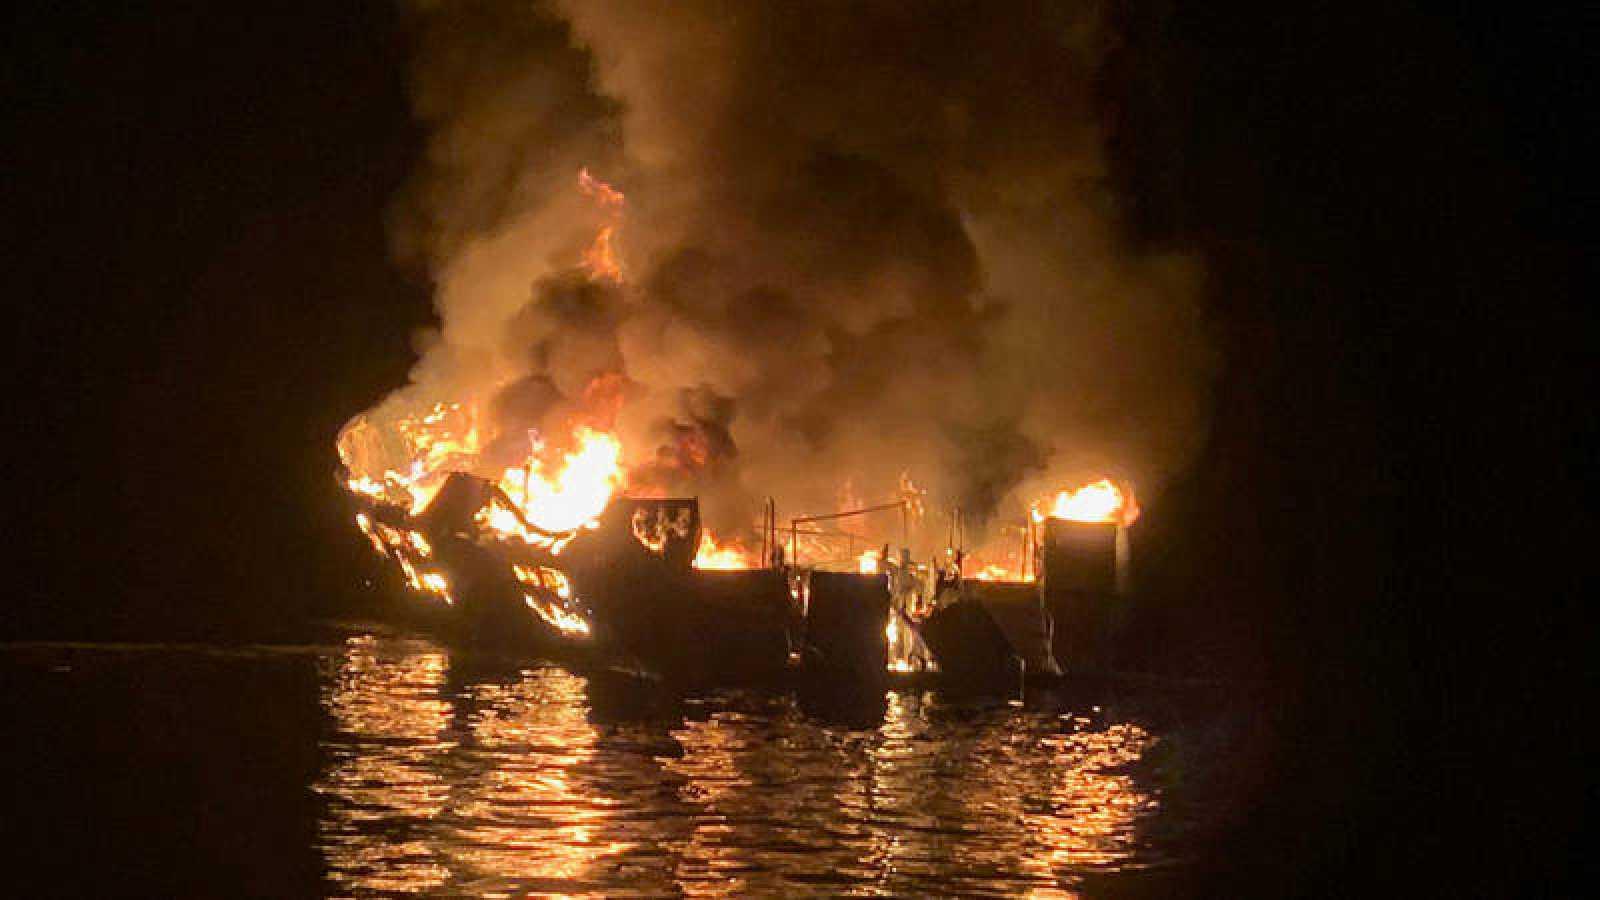 Imagen del barco que se ha incendiado cerca de la Isla de Santa Cruz, California.